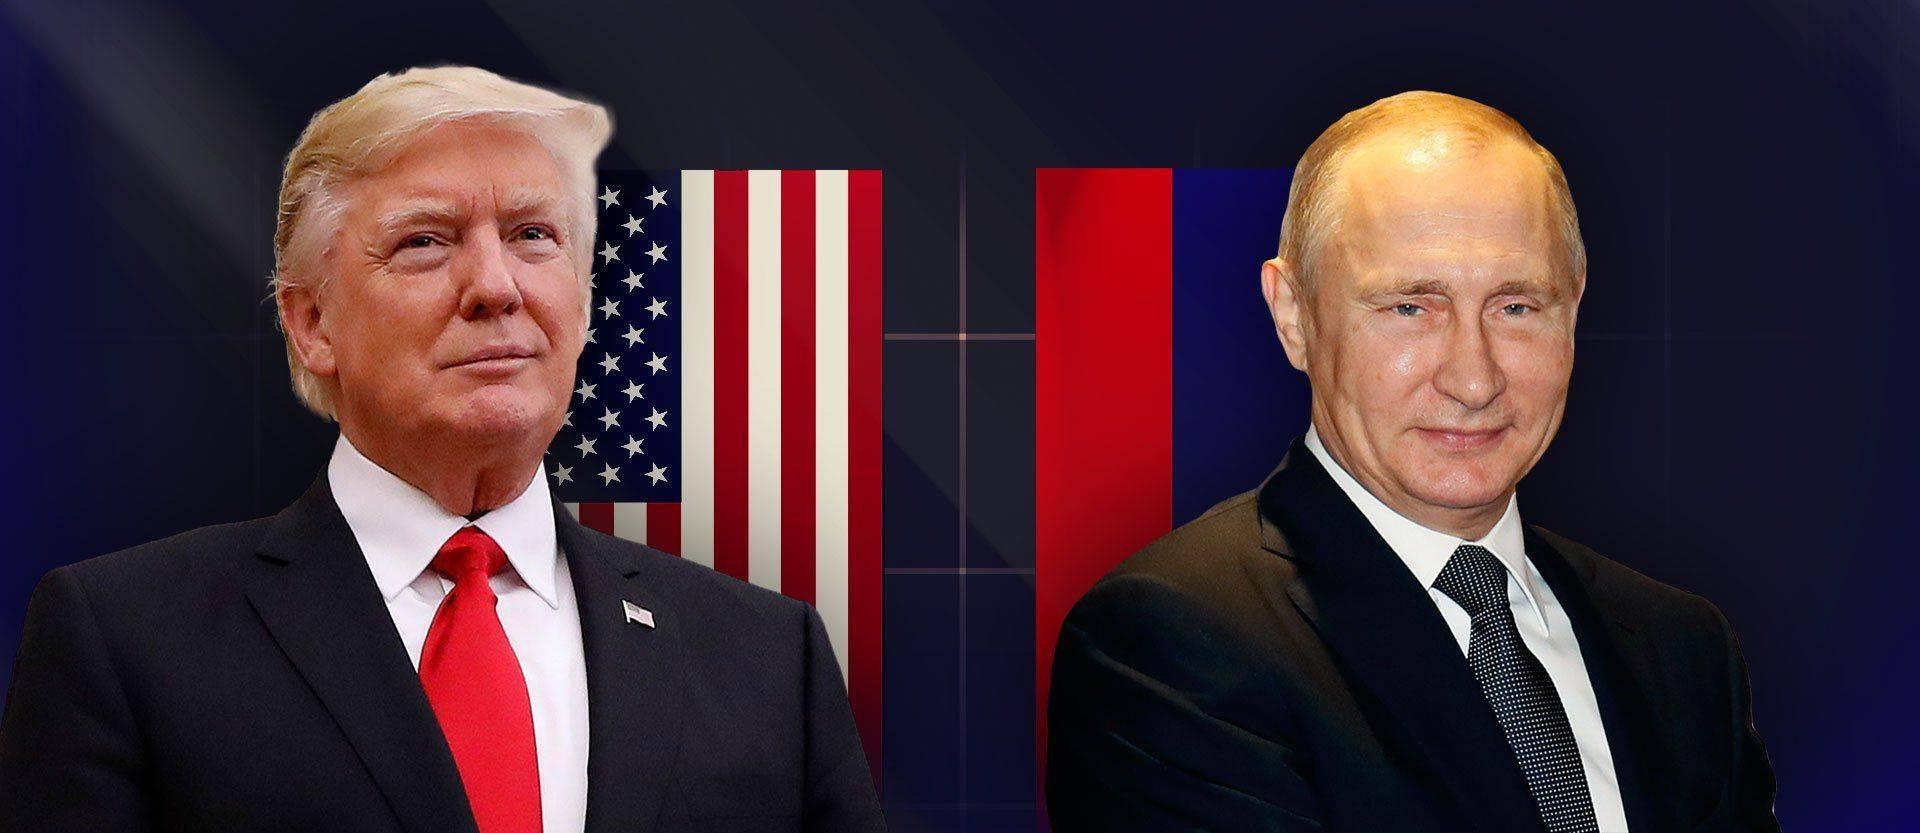 Зарубежные СМИ о речи Путина российский лидер перехитрил